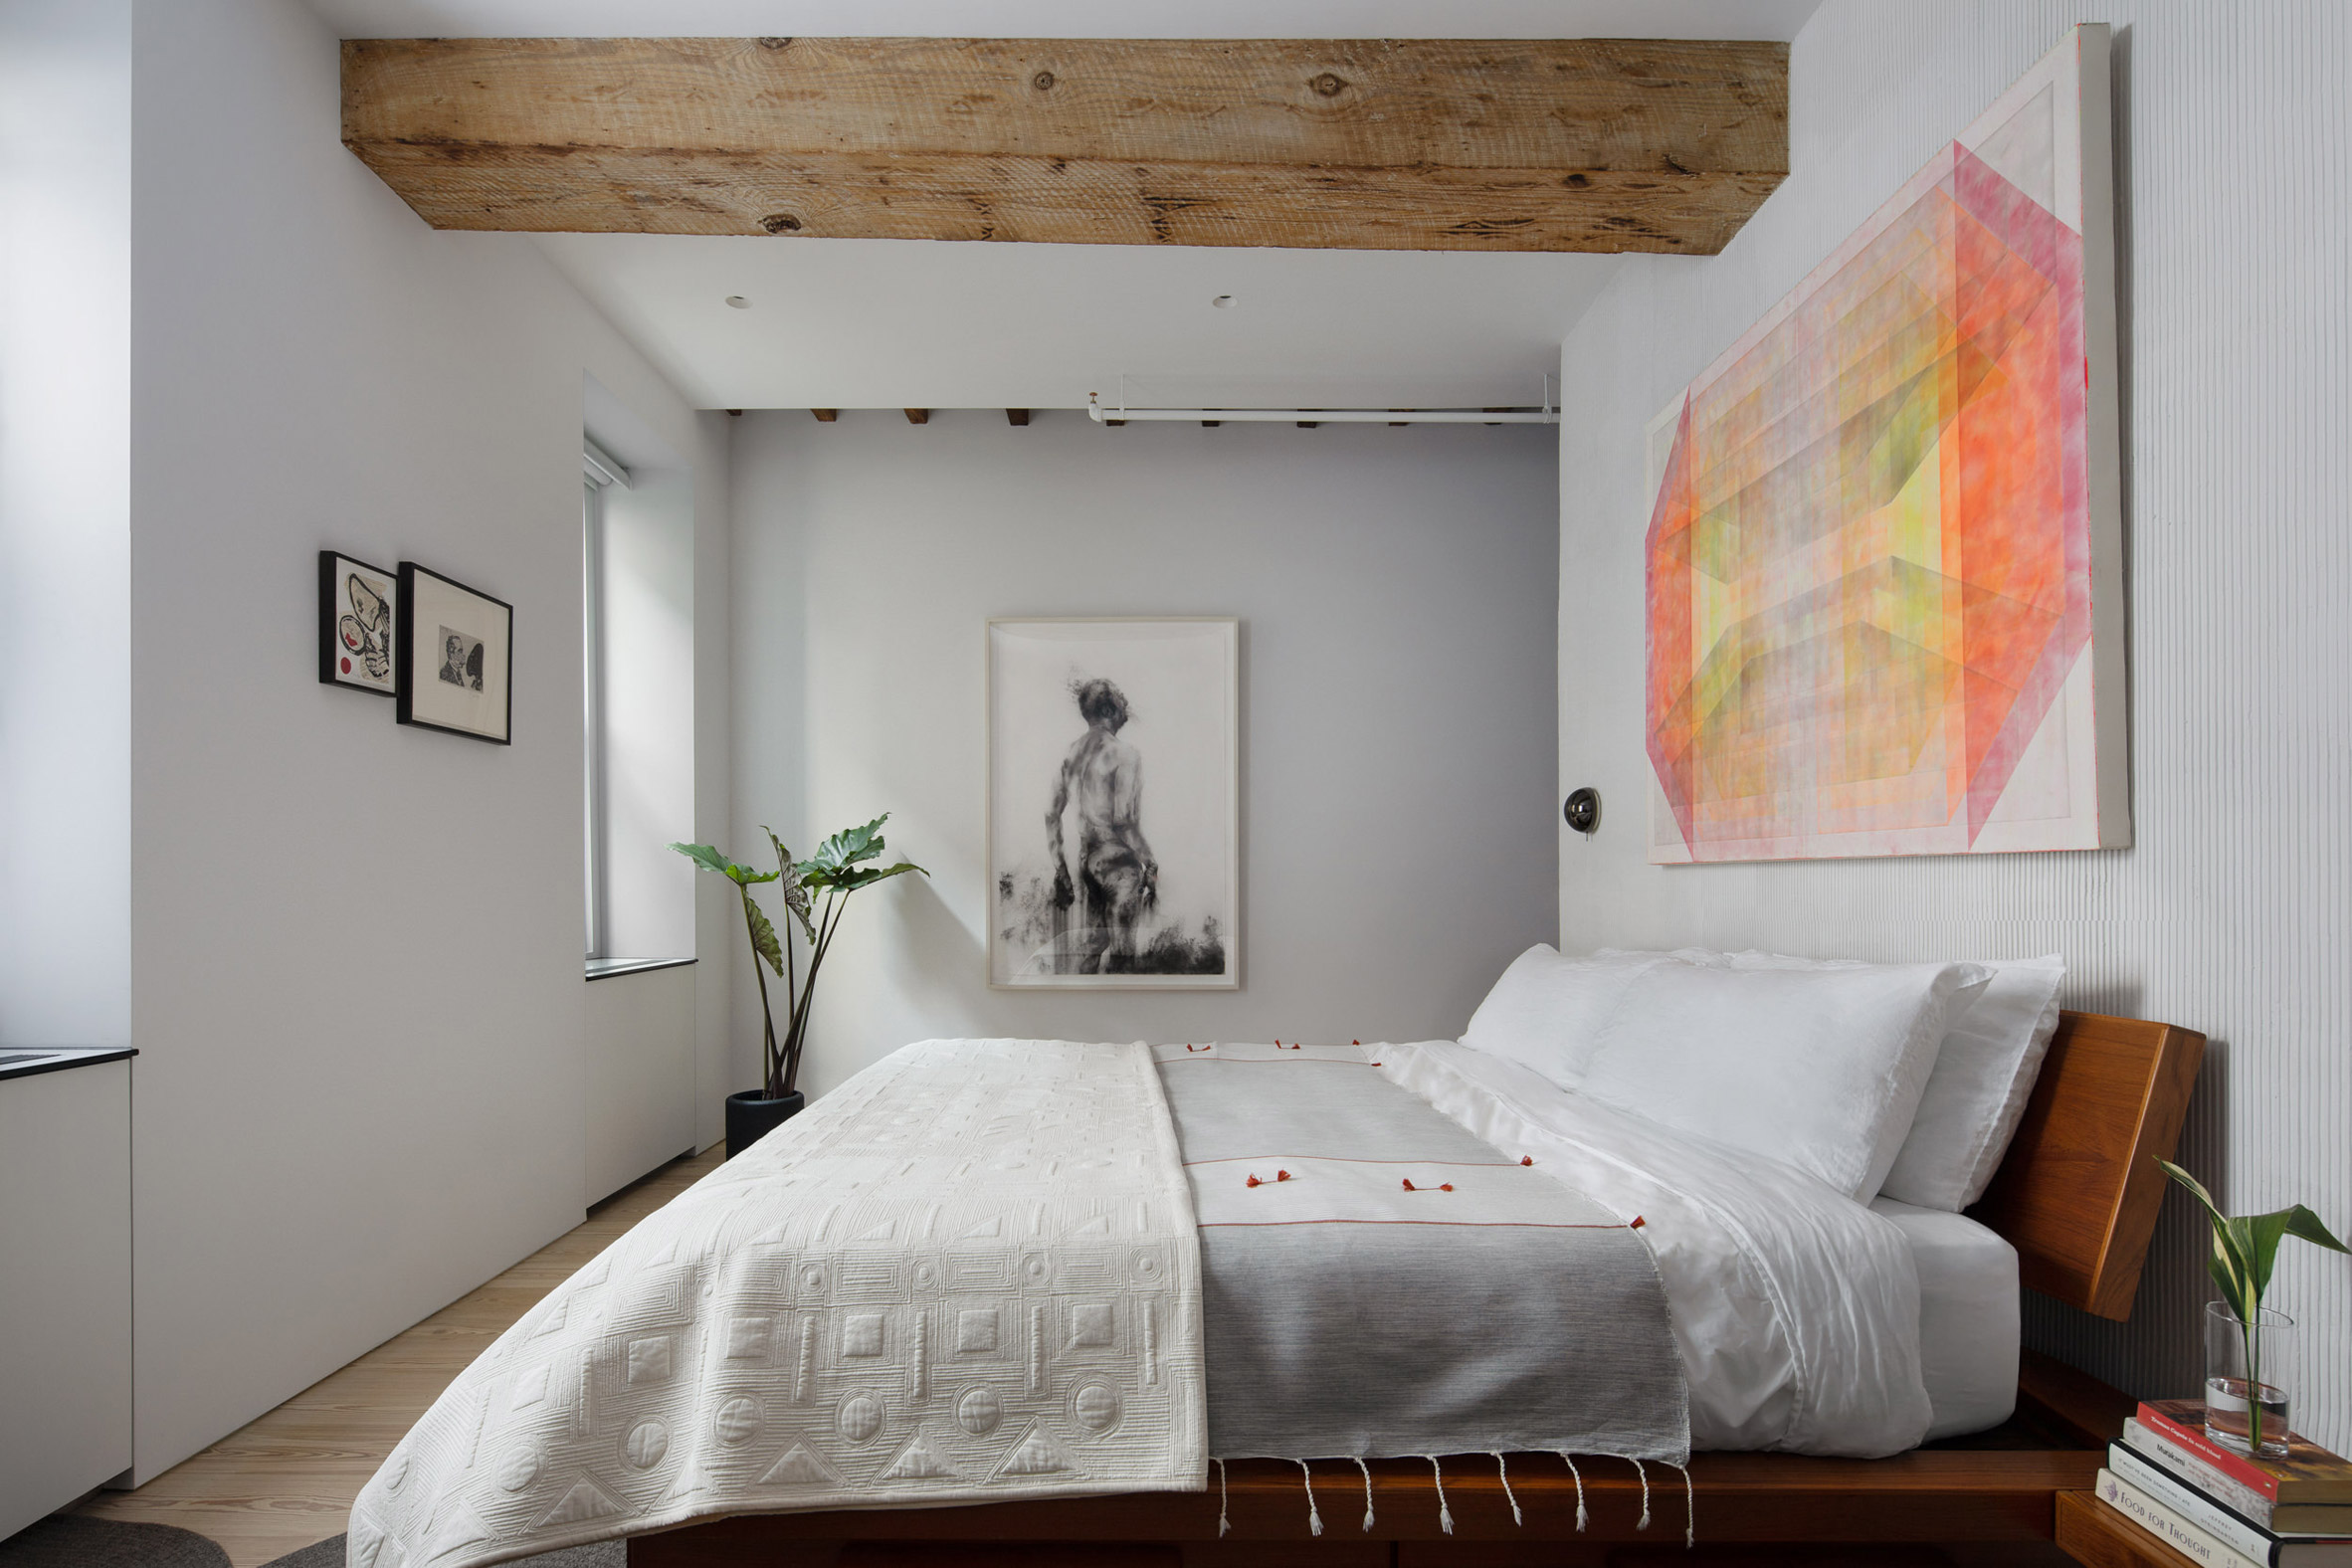 Kết hợp Gỗ và Đá Cẩm Thạch trong thiết kế kiến trúc nội thất 5